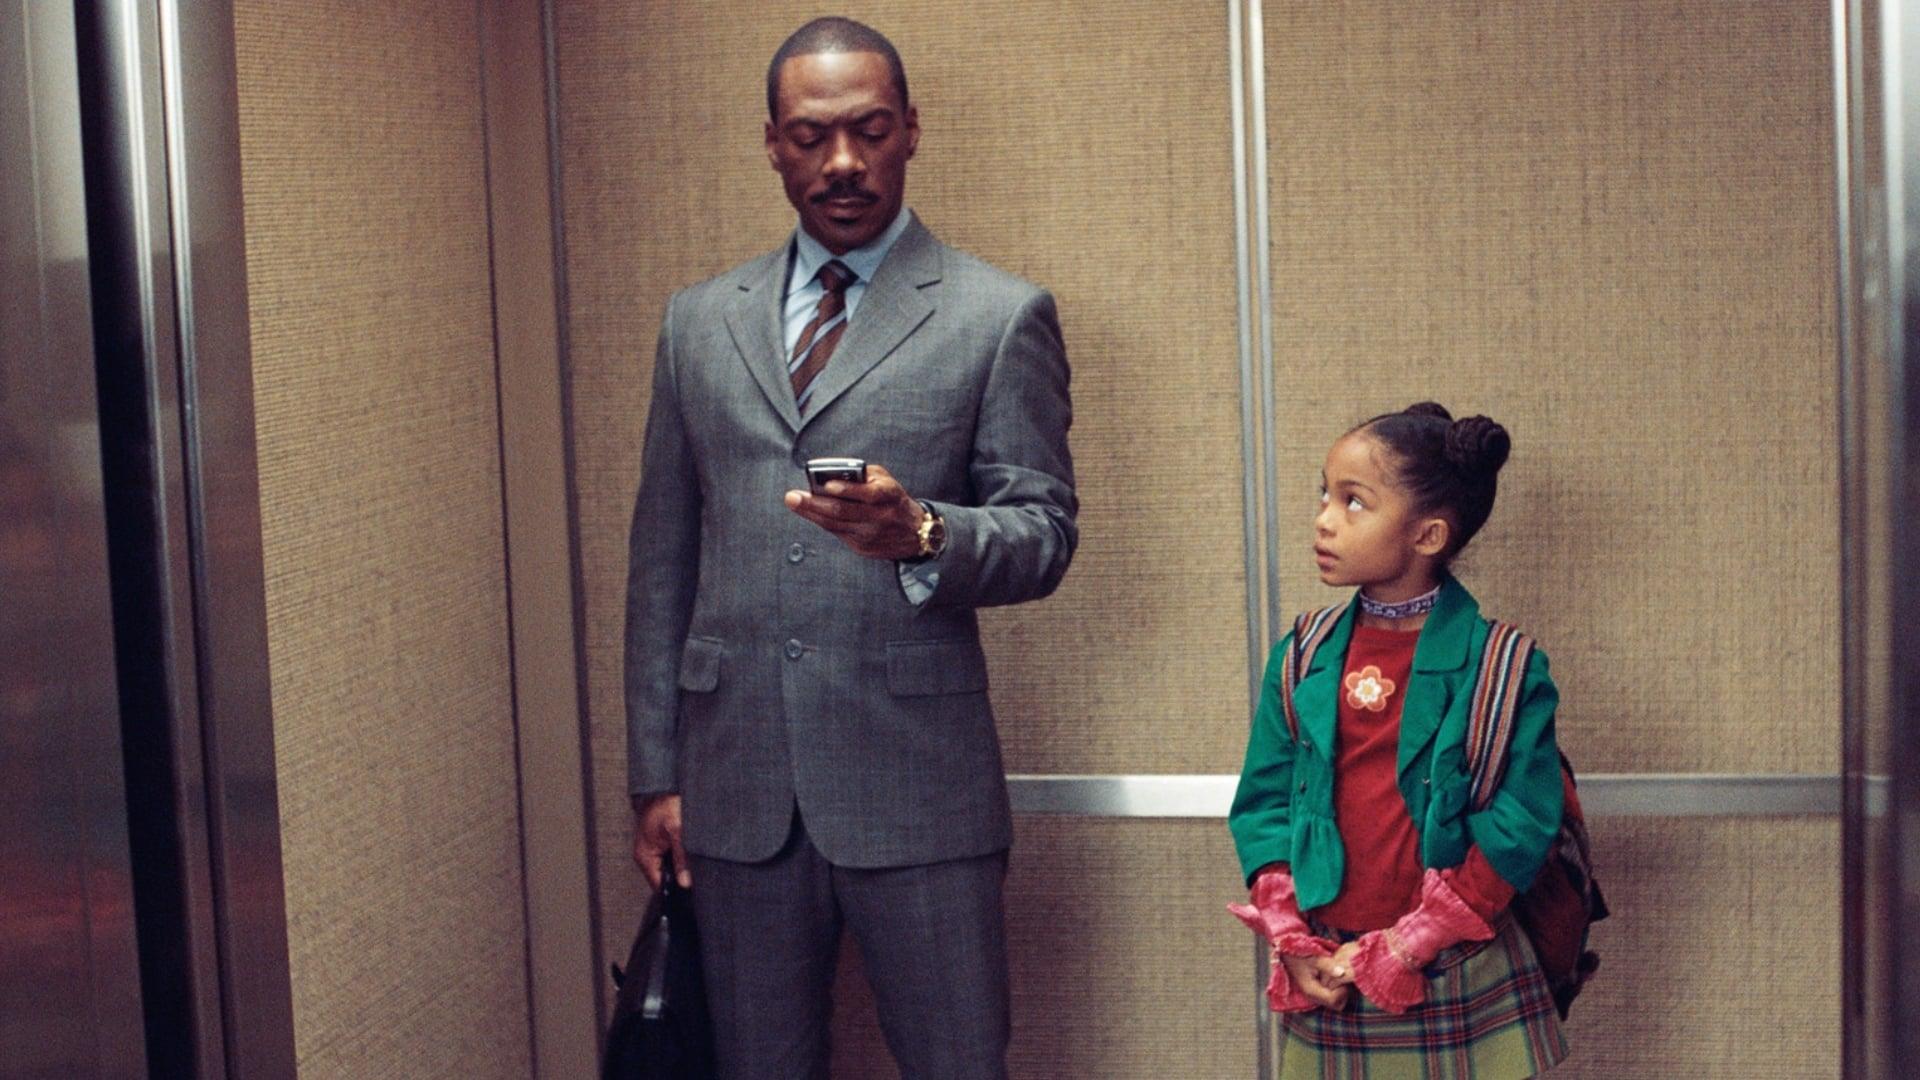 Stockbroker Eddie Murphy and daughter Yara Shahidi in Imagine That (2009)